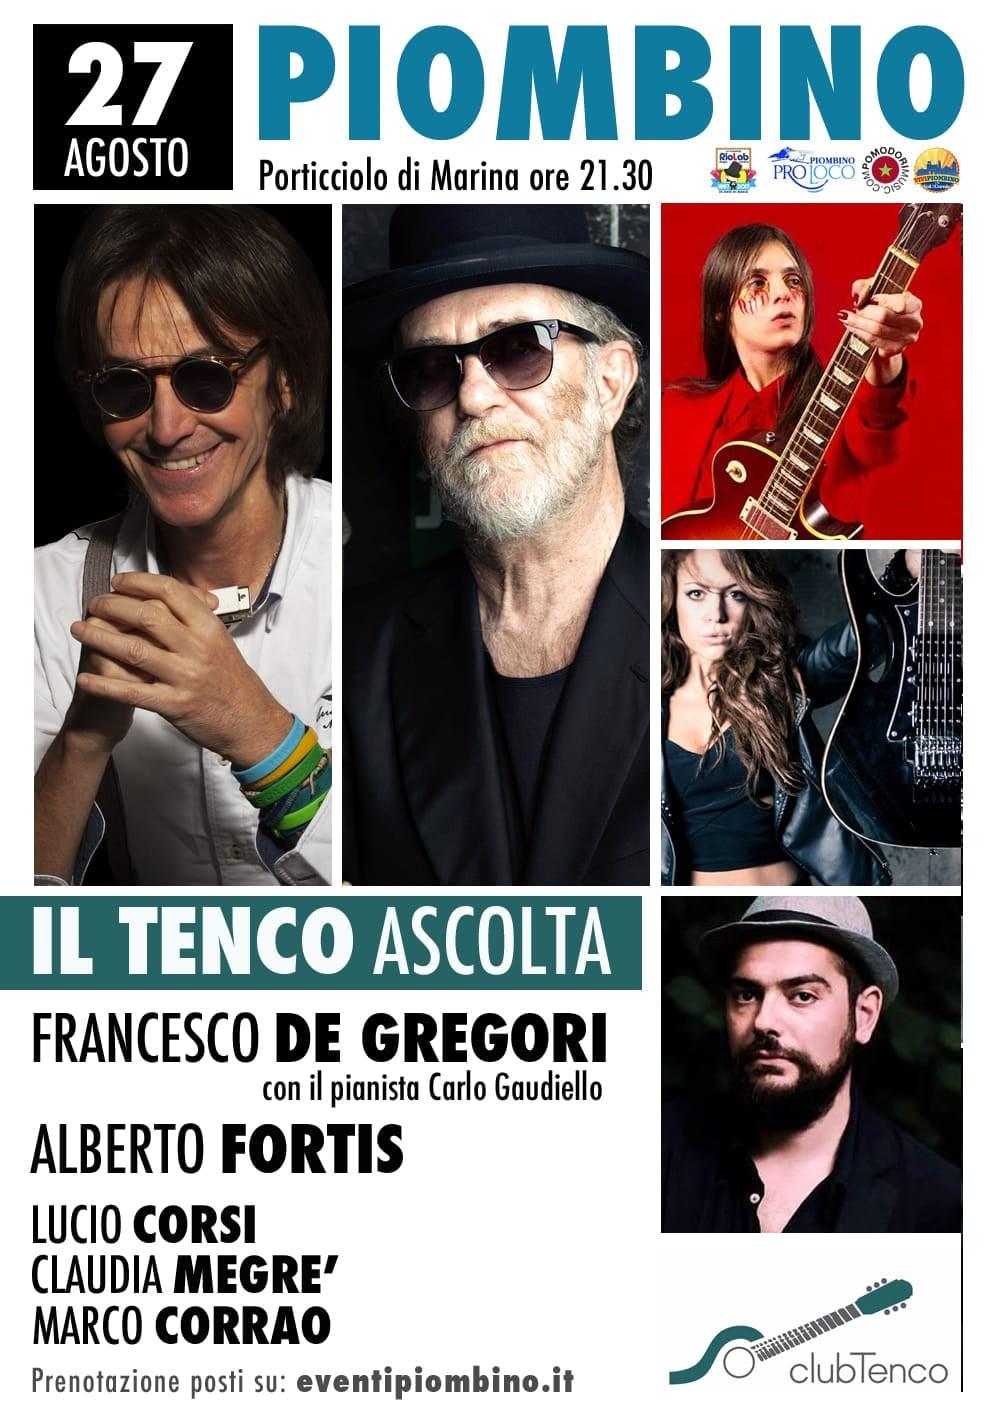 Tutto pronto per il gran finale del Festival 20Eventi: il Tenco Ascolta porta sul palco Francesco de Gregori e Alberto Fortis